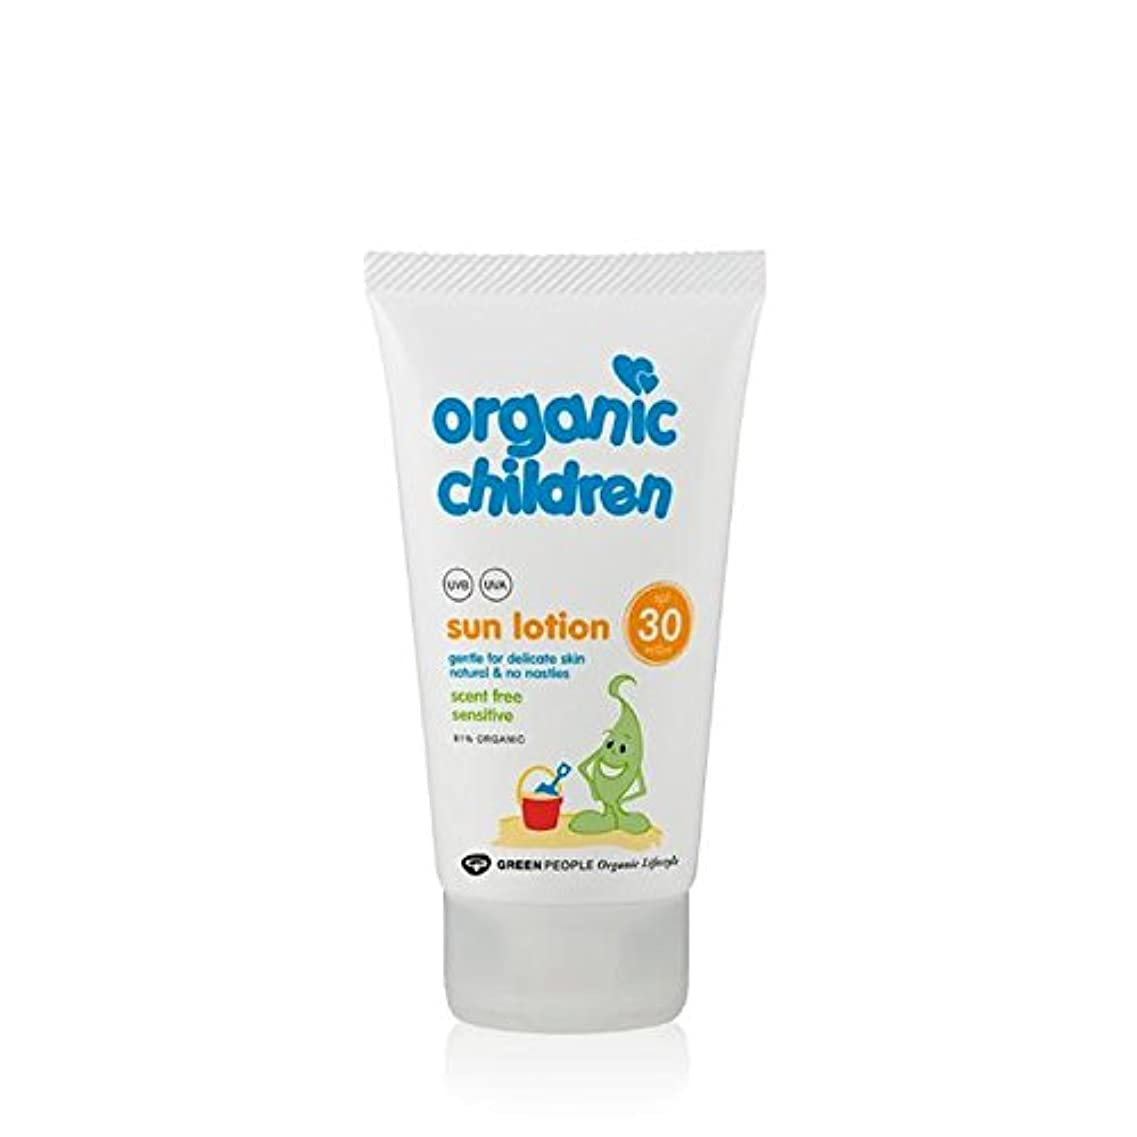 舌記念爆風有機子ども30の香り無料のサンローション150 x2 - Organic Children SPF30 Scent Free Sun Lotion 150ml (Pack of 2) [並行輸入品]